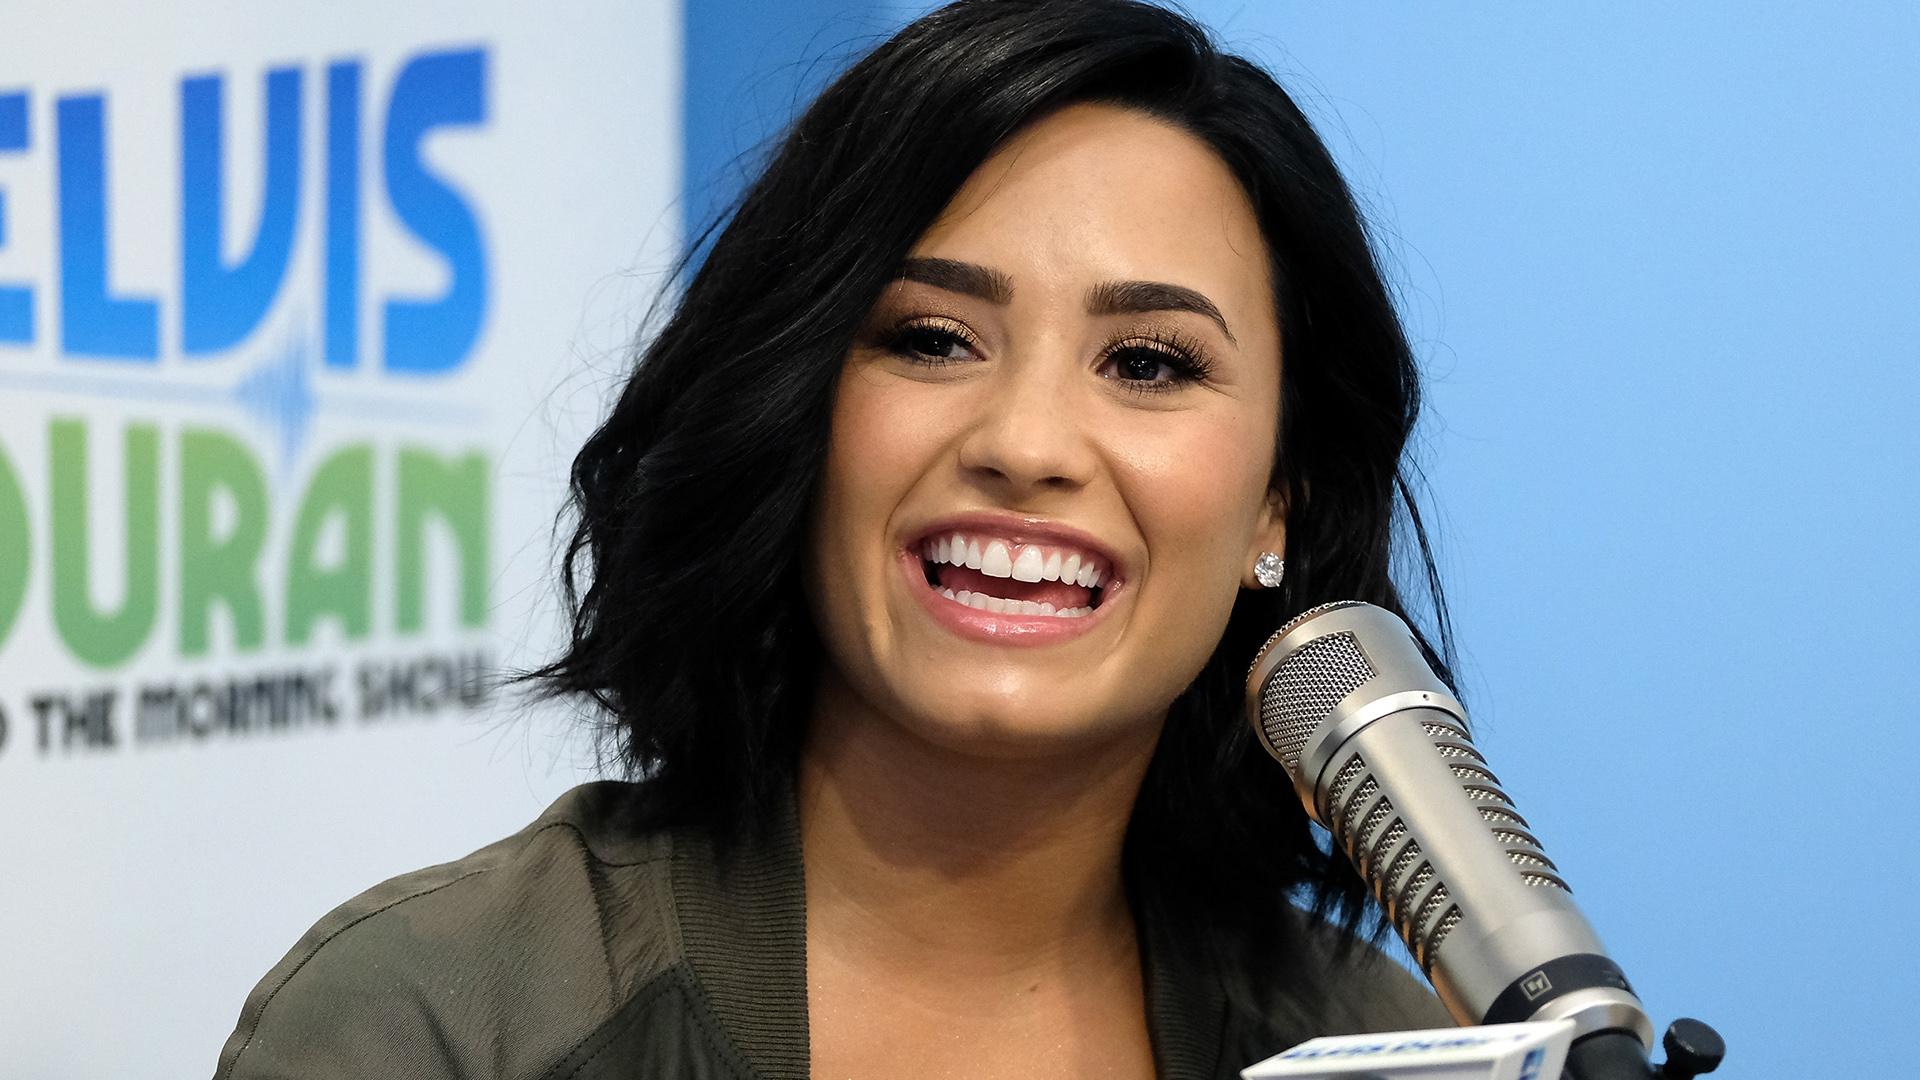 Así se lucía Demi Lovato horas antes de ser internada de emergencia